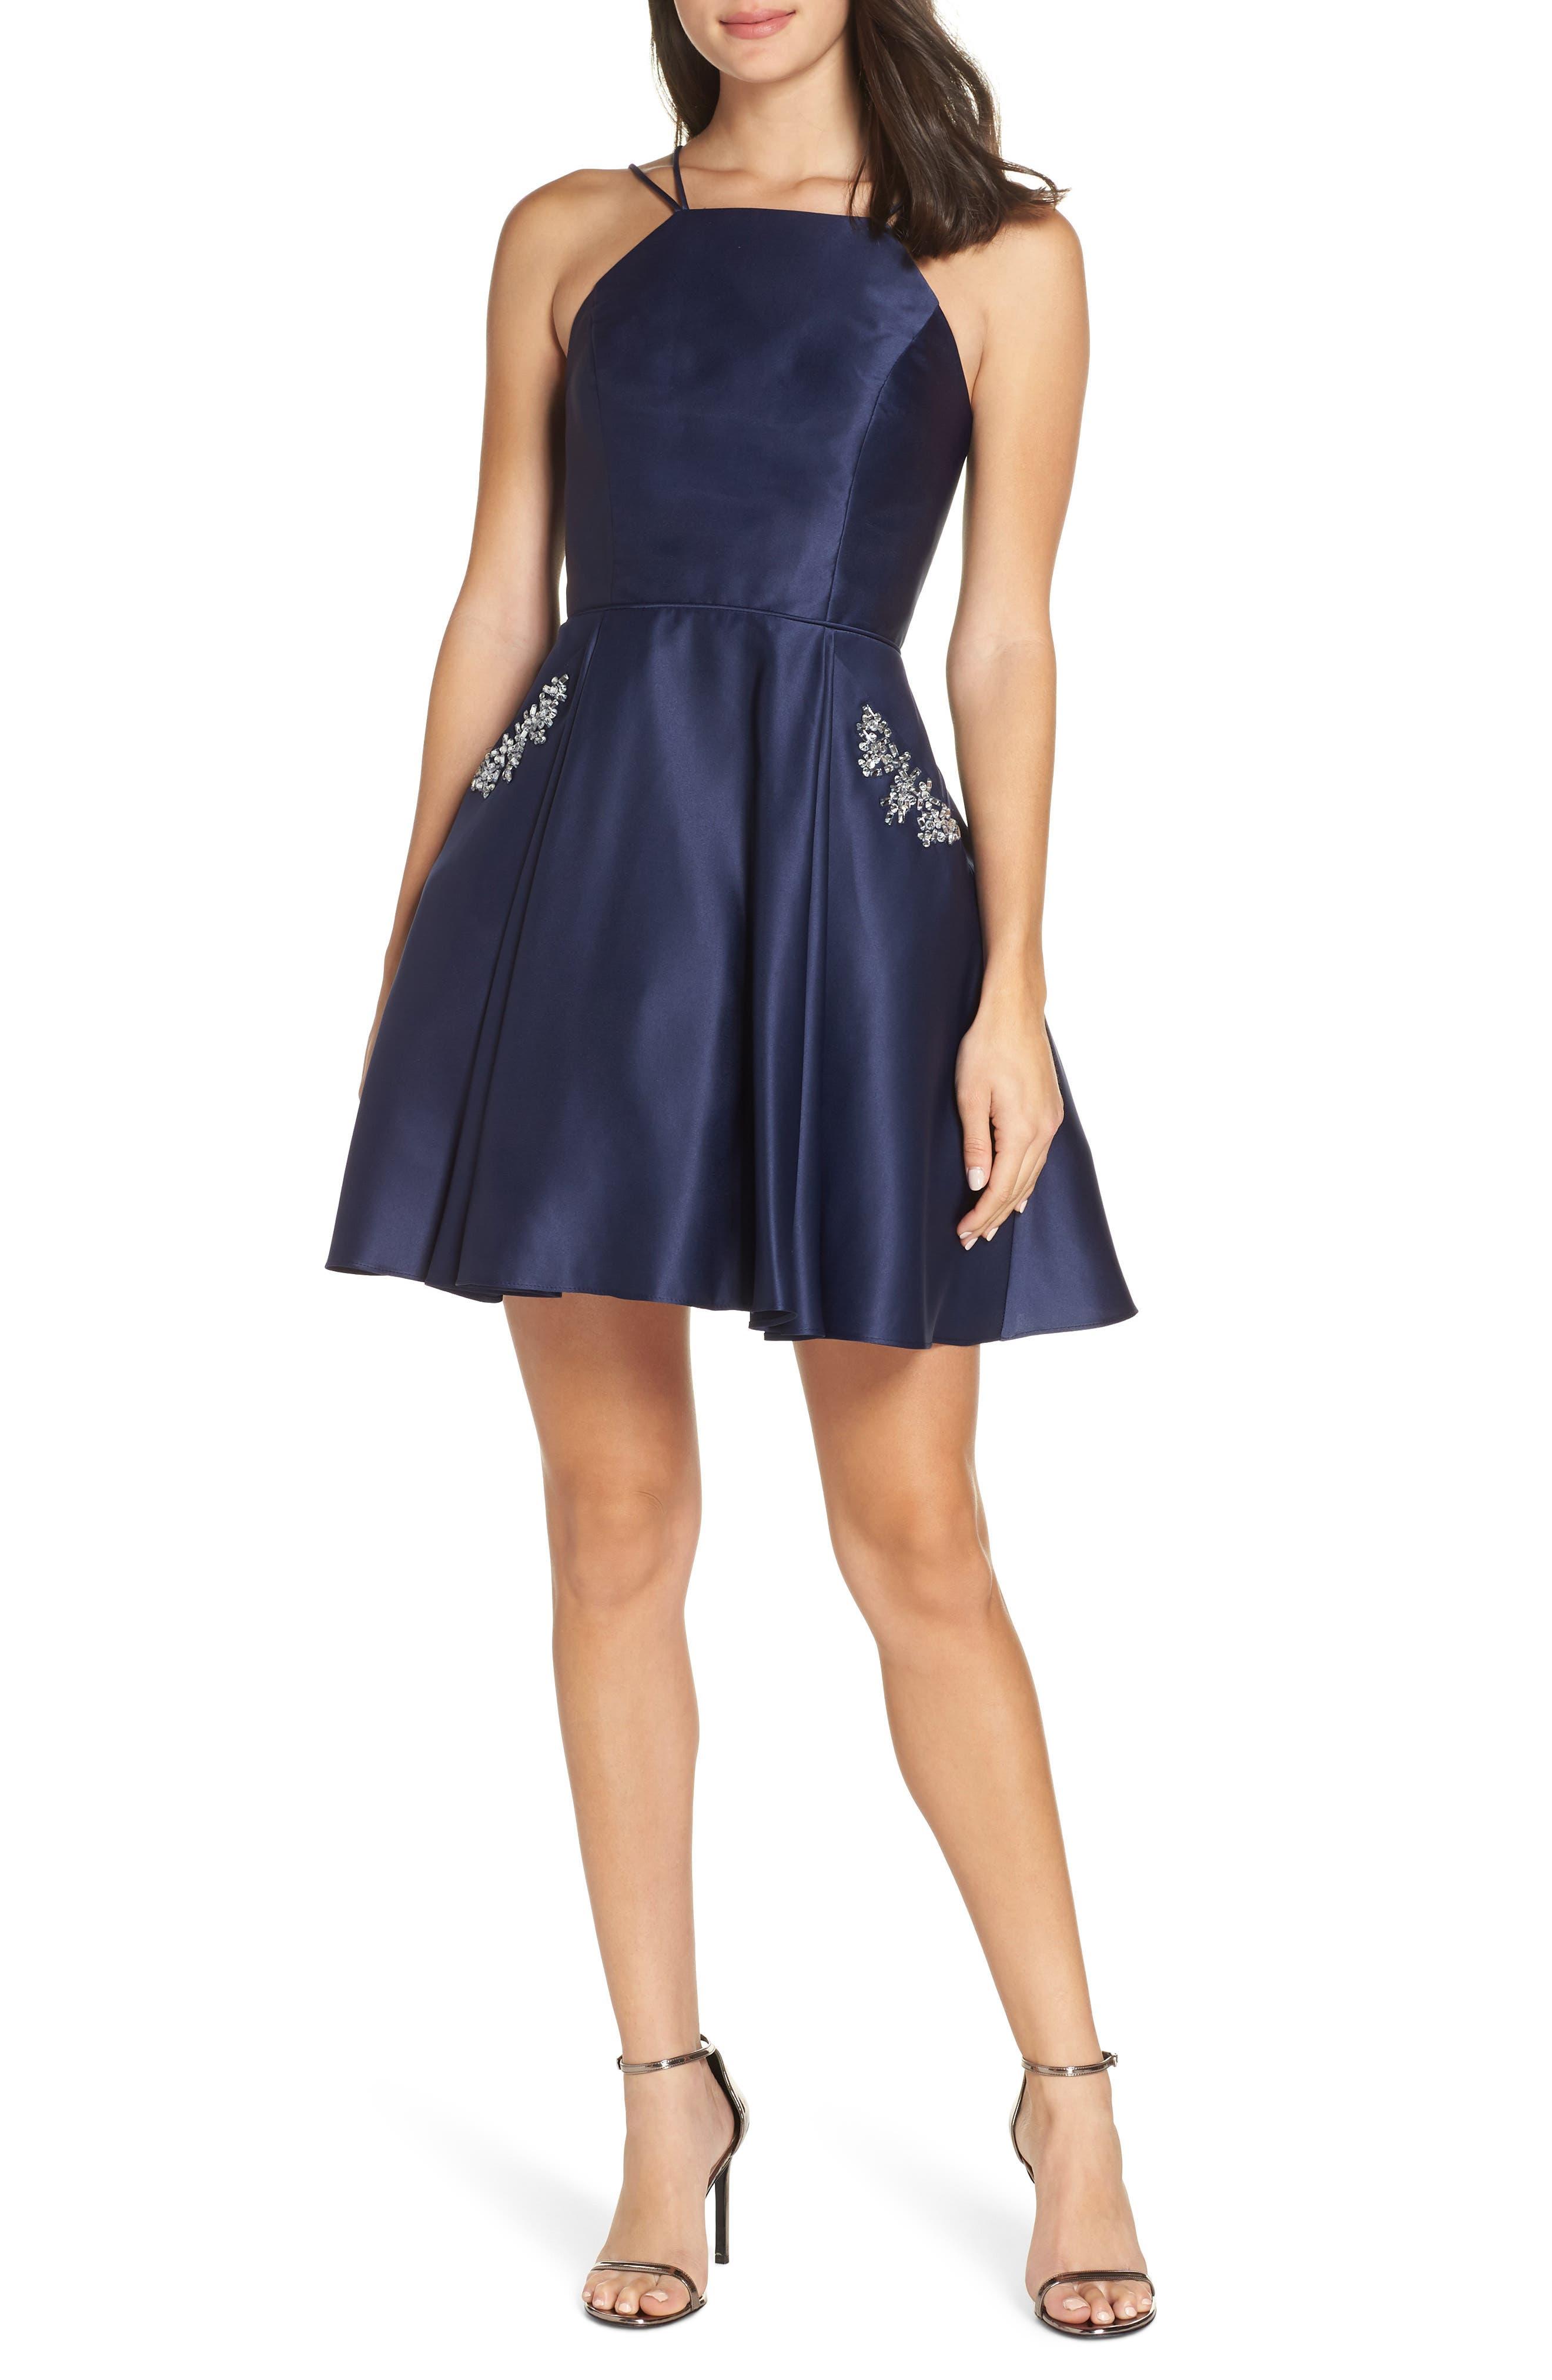 Blondie Nites Satin Halter Neck Party Dress, Blue